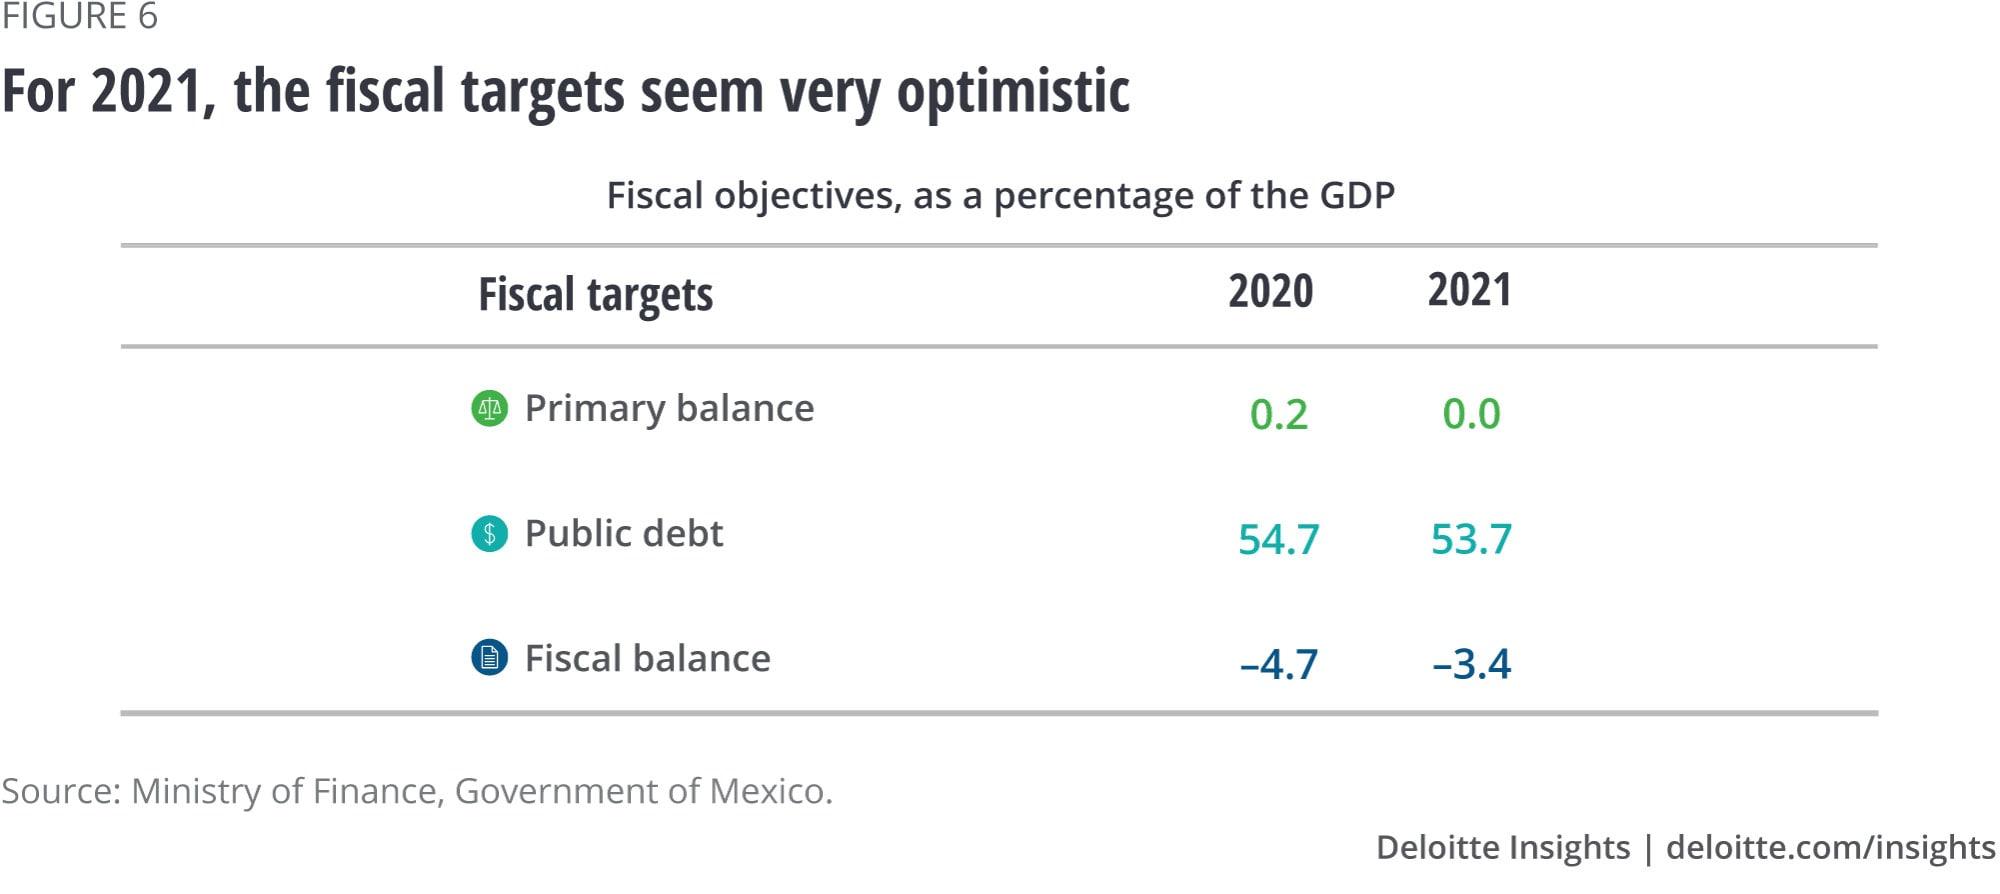 Für 2021 scheinen die fiskalischen Ziele sehr optimistisch